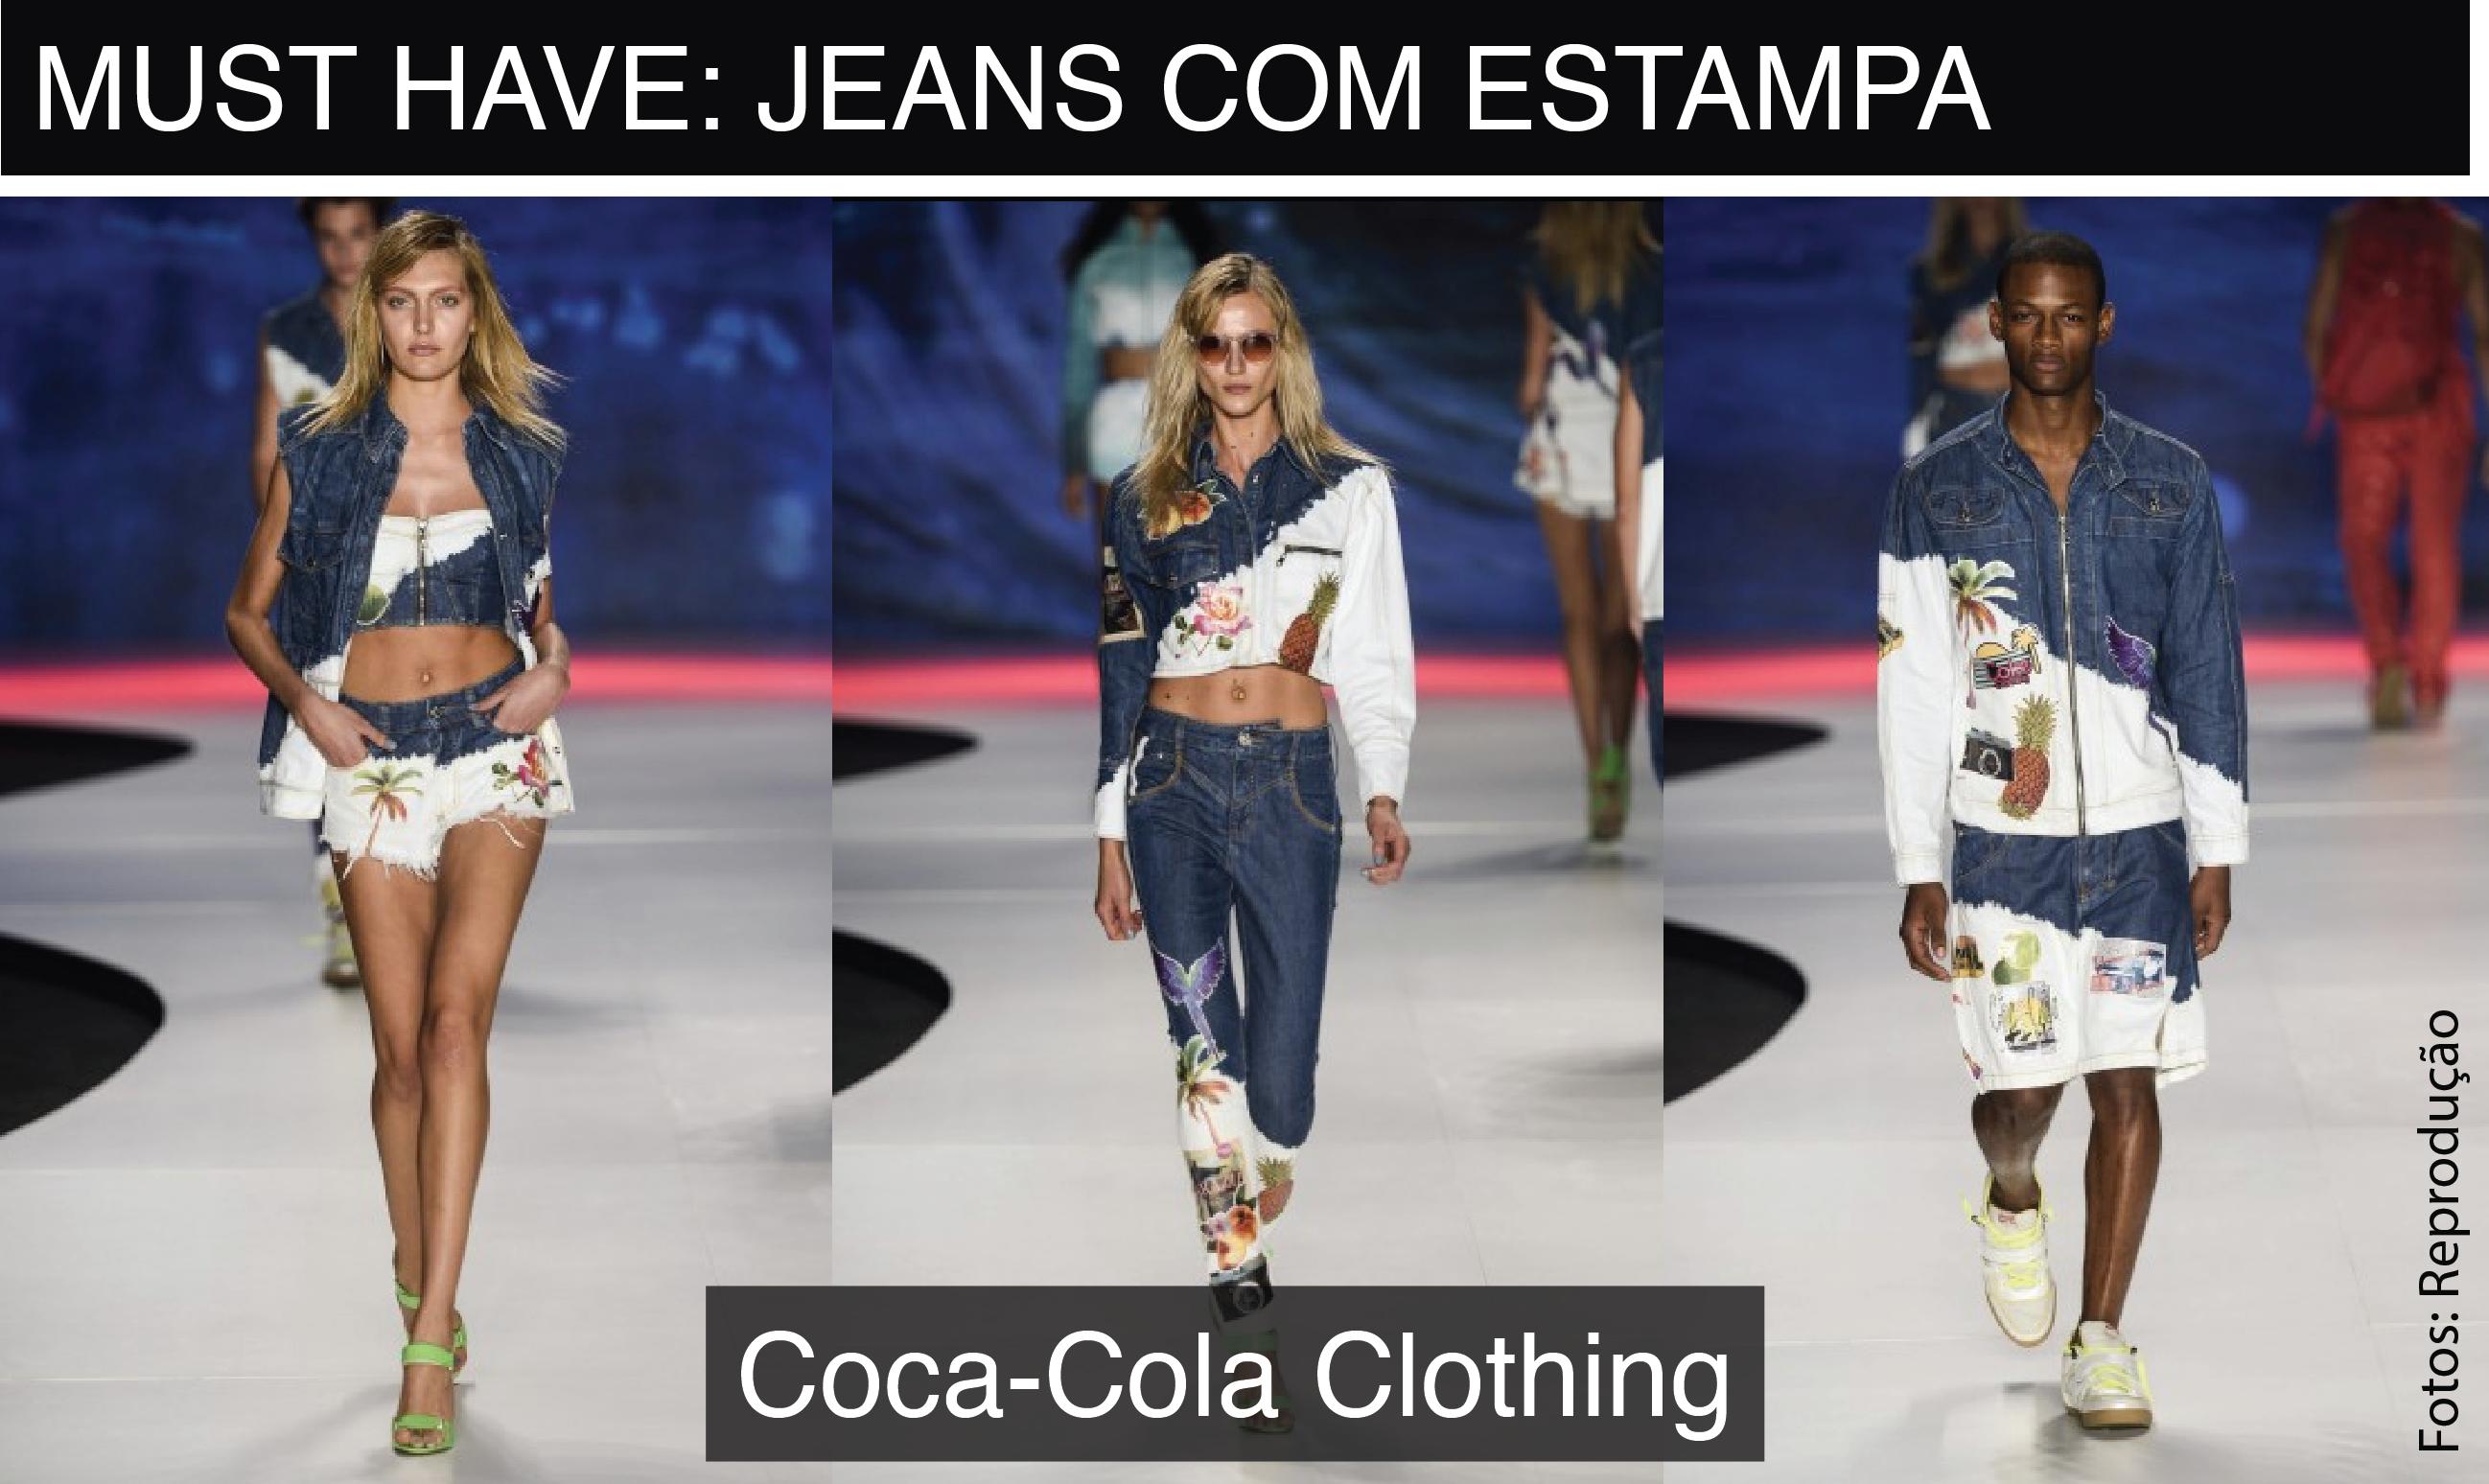 5-fashion-rio-verao-2014-tendencias-desfile-looks-fotos-franjas-conjuntinhos-macaquinho-retrc3b4-jeans-moda-masculina-patricia-vieira-nica-kessler-herchcovitch-salinas-coca-cola-clothing-e